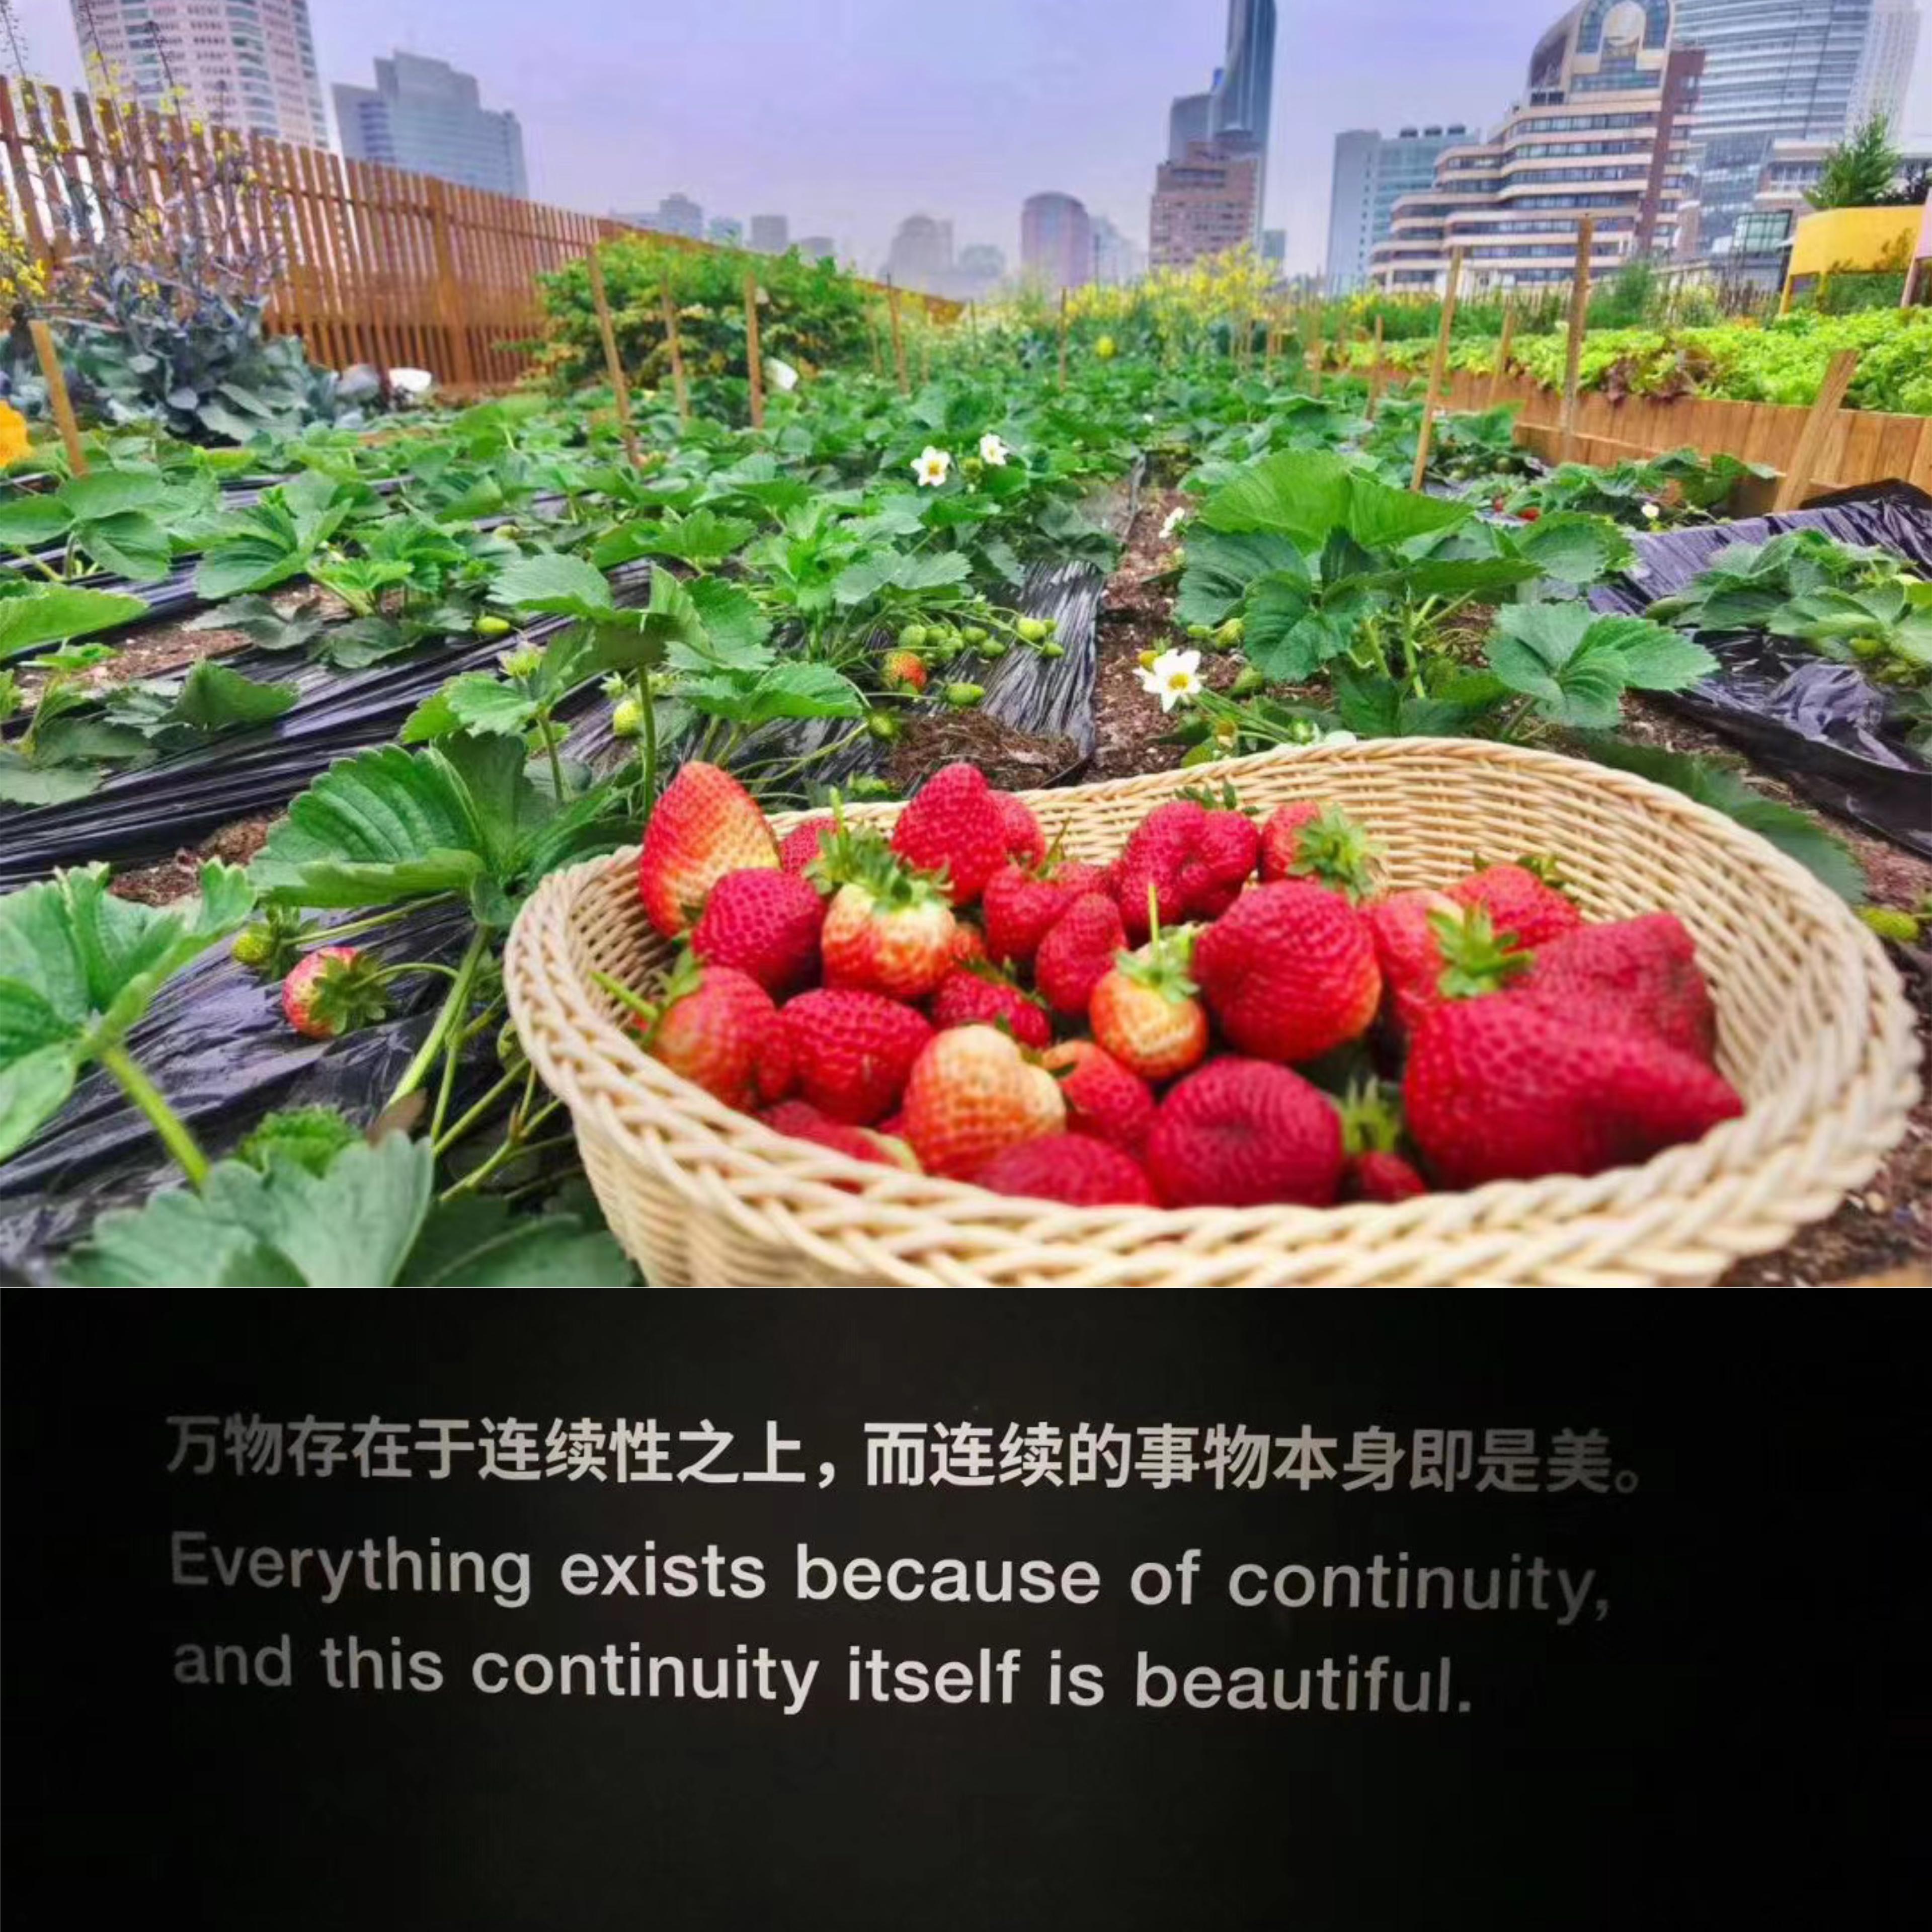 农场以前收获的草莓。